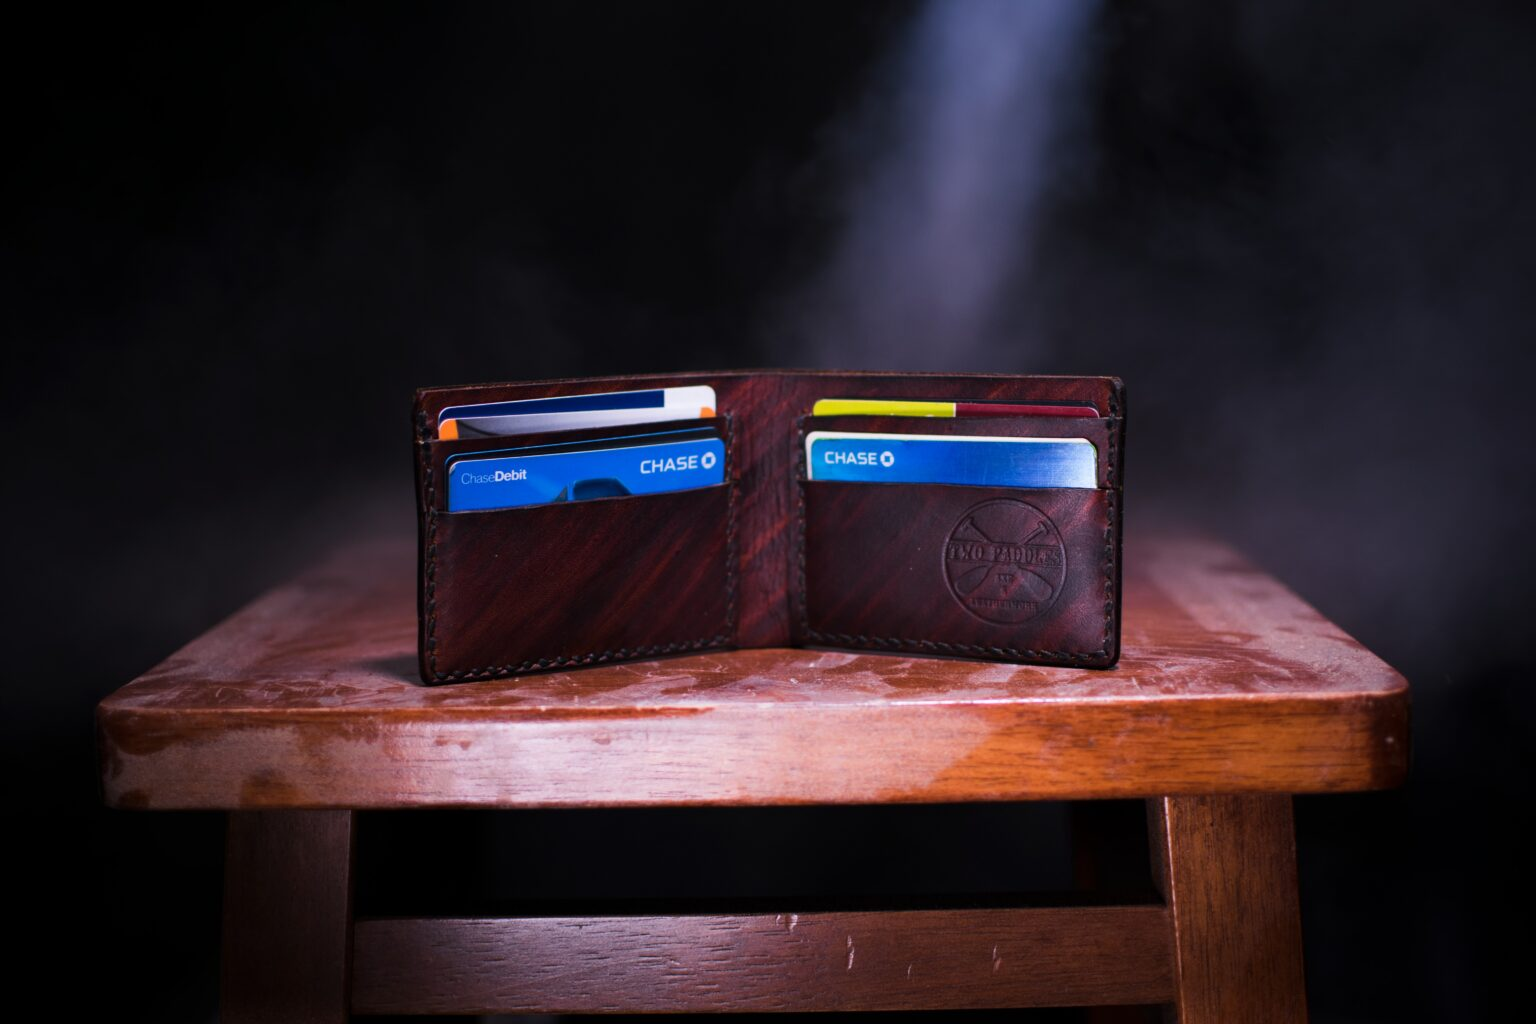 Morning Call: Privatizações, Cheque especial e cartão de crédito, Coronavírus, IPCA, Resultados trimestrais e Desemprego nos EUA